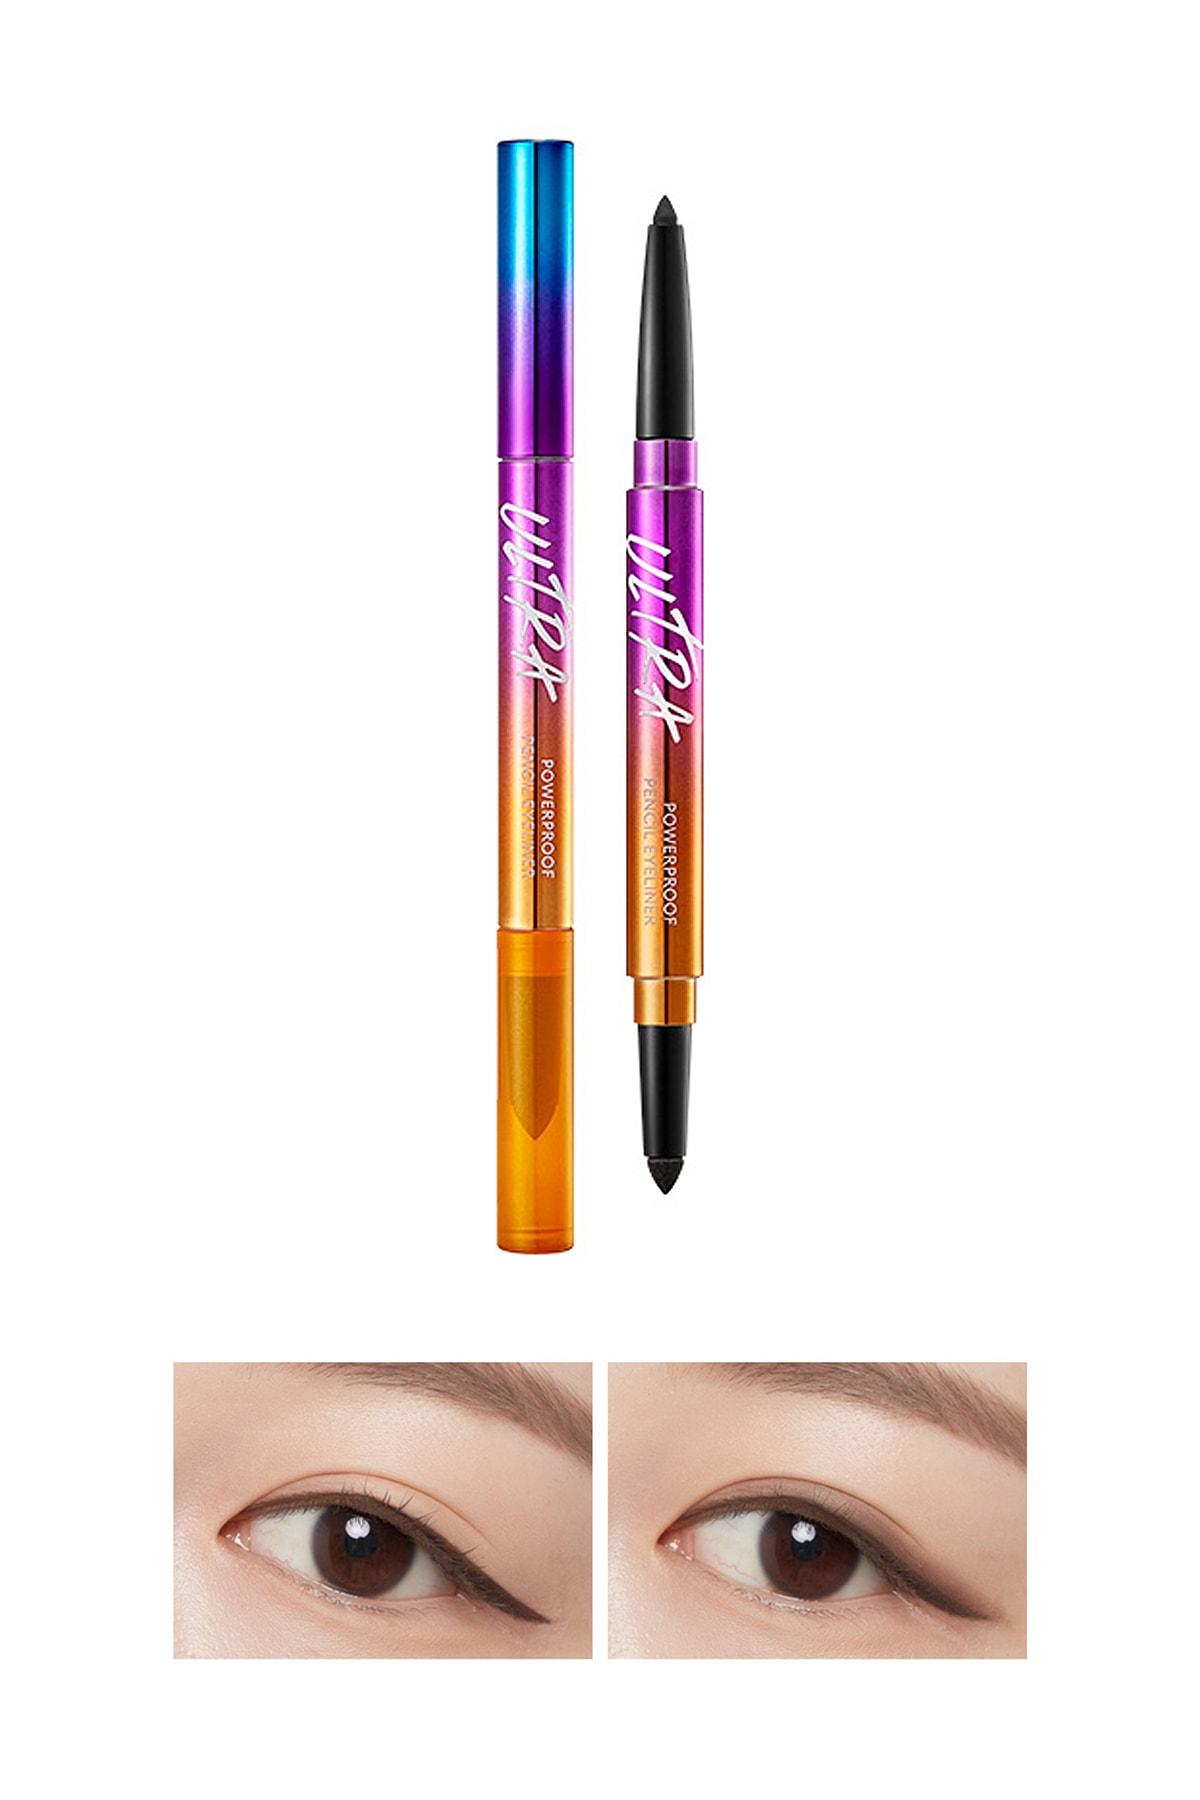 Missha Suya Dayanıklı Kalıcı Jel Göz Kalemi Ultra Powerproof Pencil Eyeliner Ash Brown